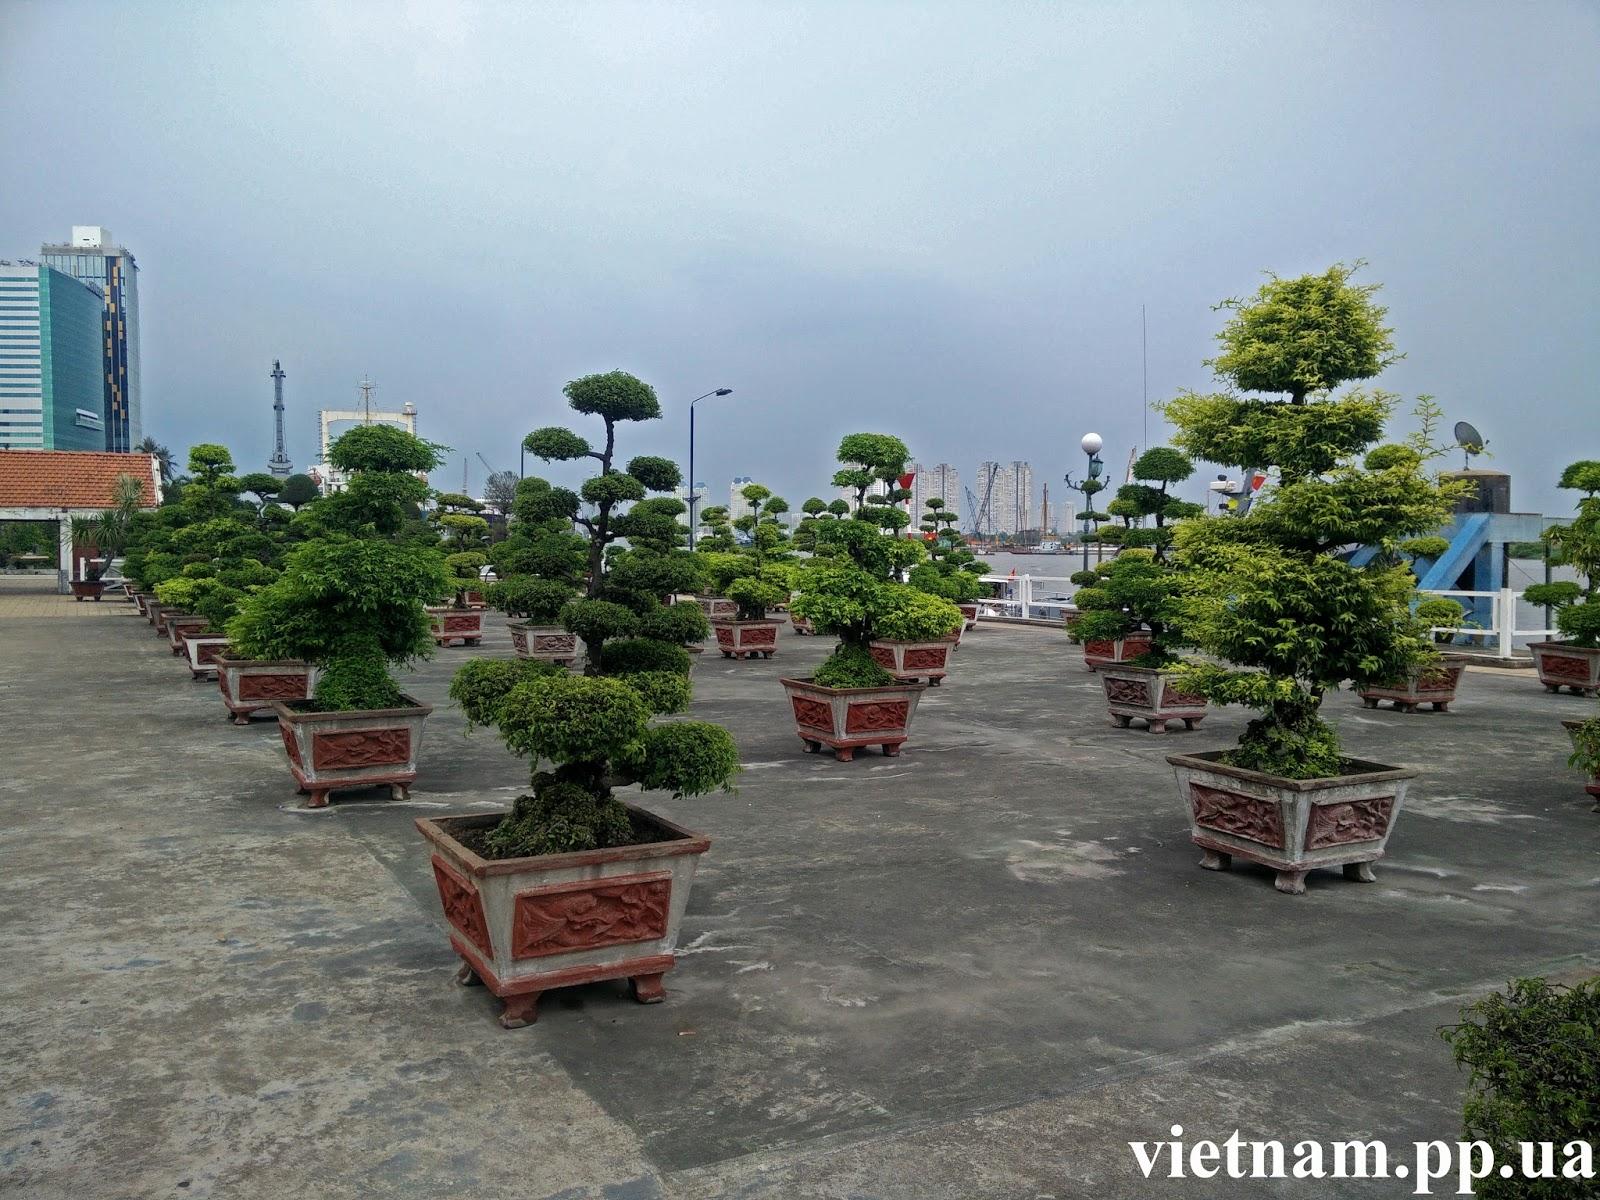 Что можно купить в Вьетнаме